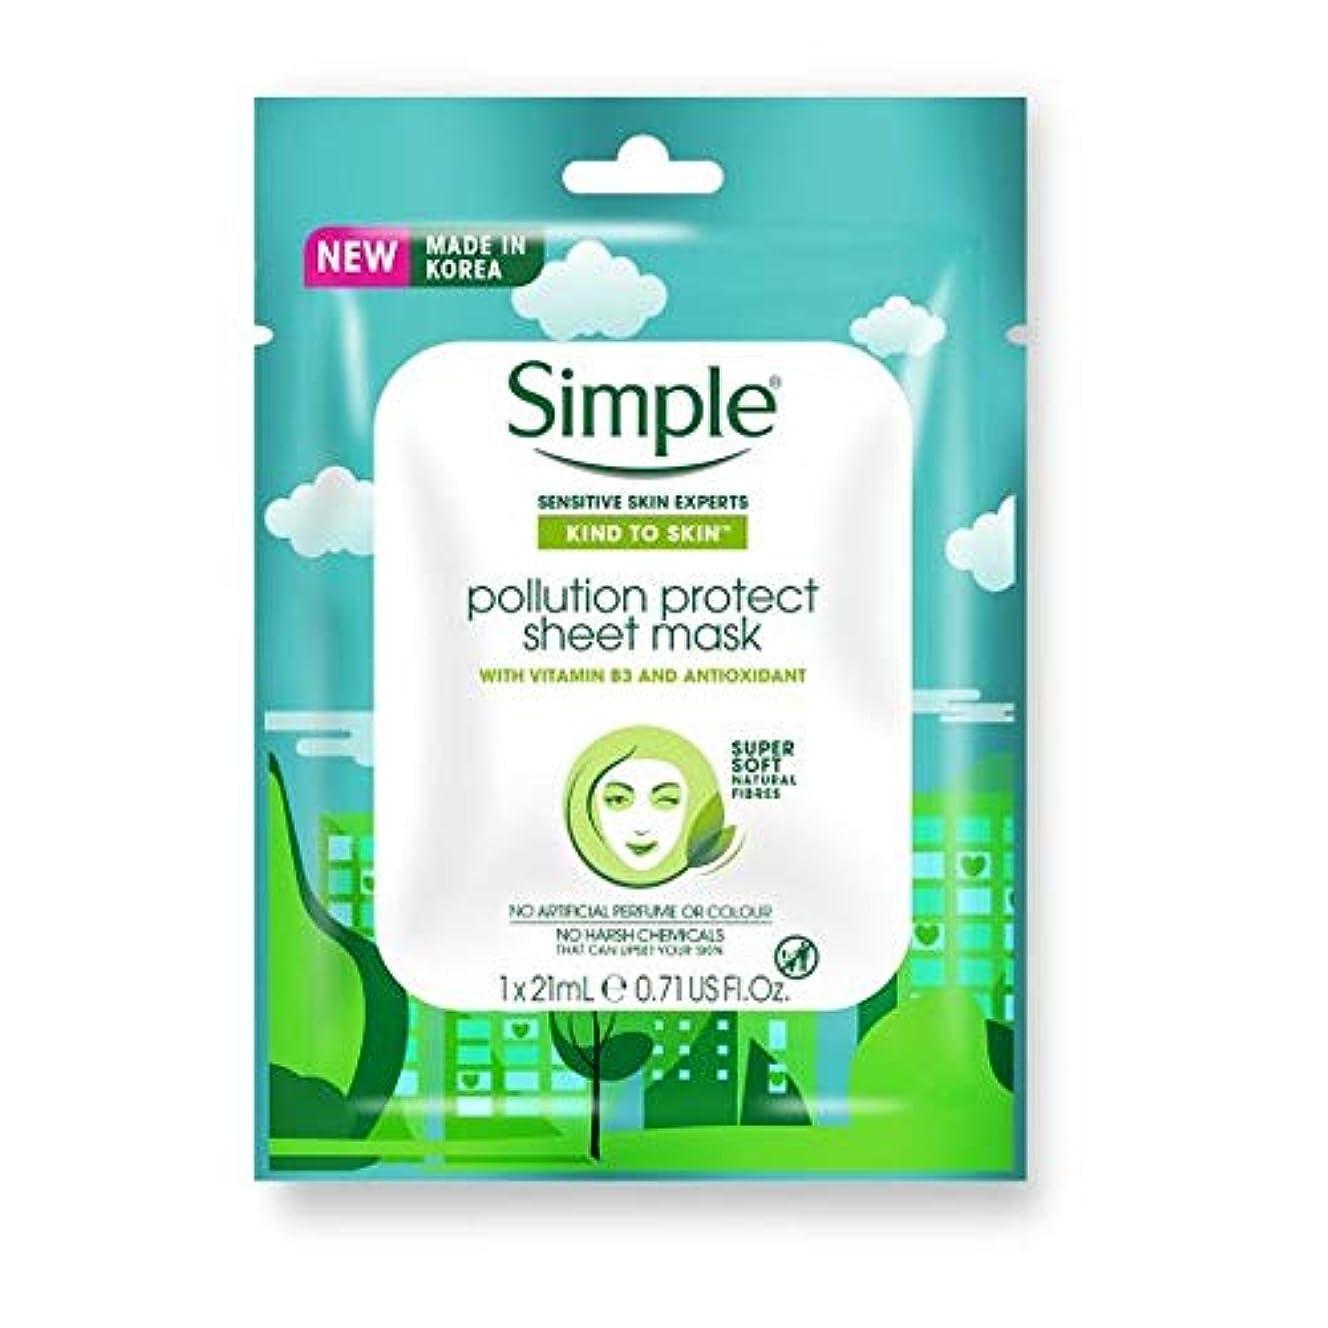 散髪ロイヤリティ事務所[Simple] 皮膚汚染への単純な種類のシートマスク21ミリリットルを保護 - Simple Kind To Skin Pollution Protect Sheet Mask 21Ml [並行輸入品]